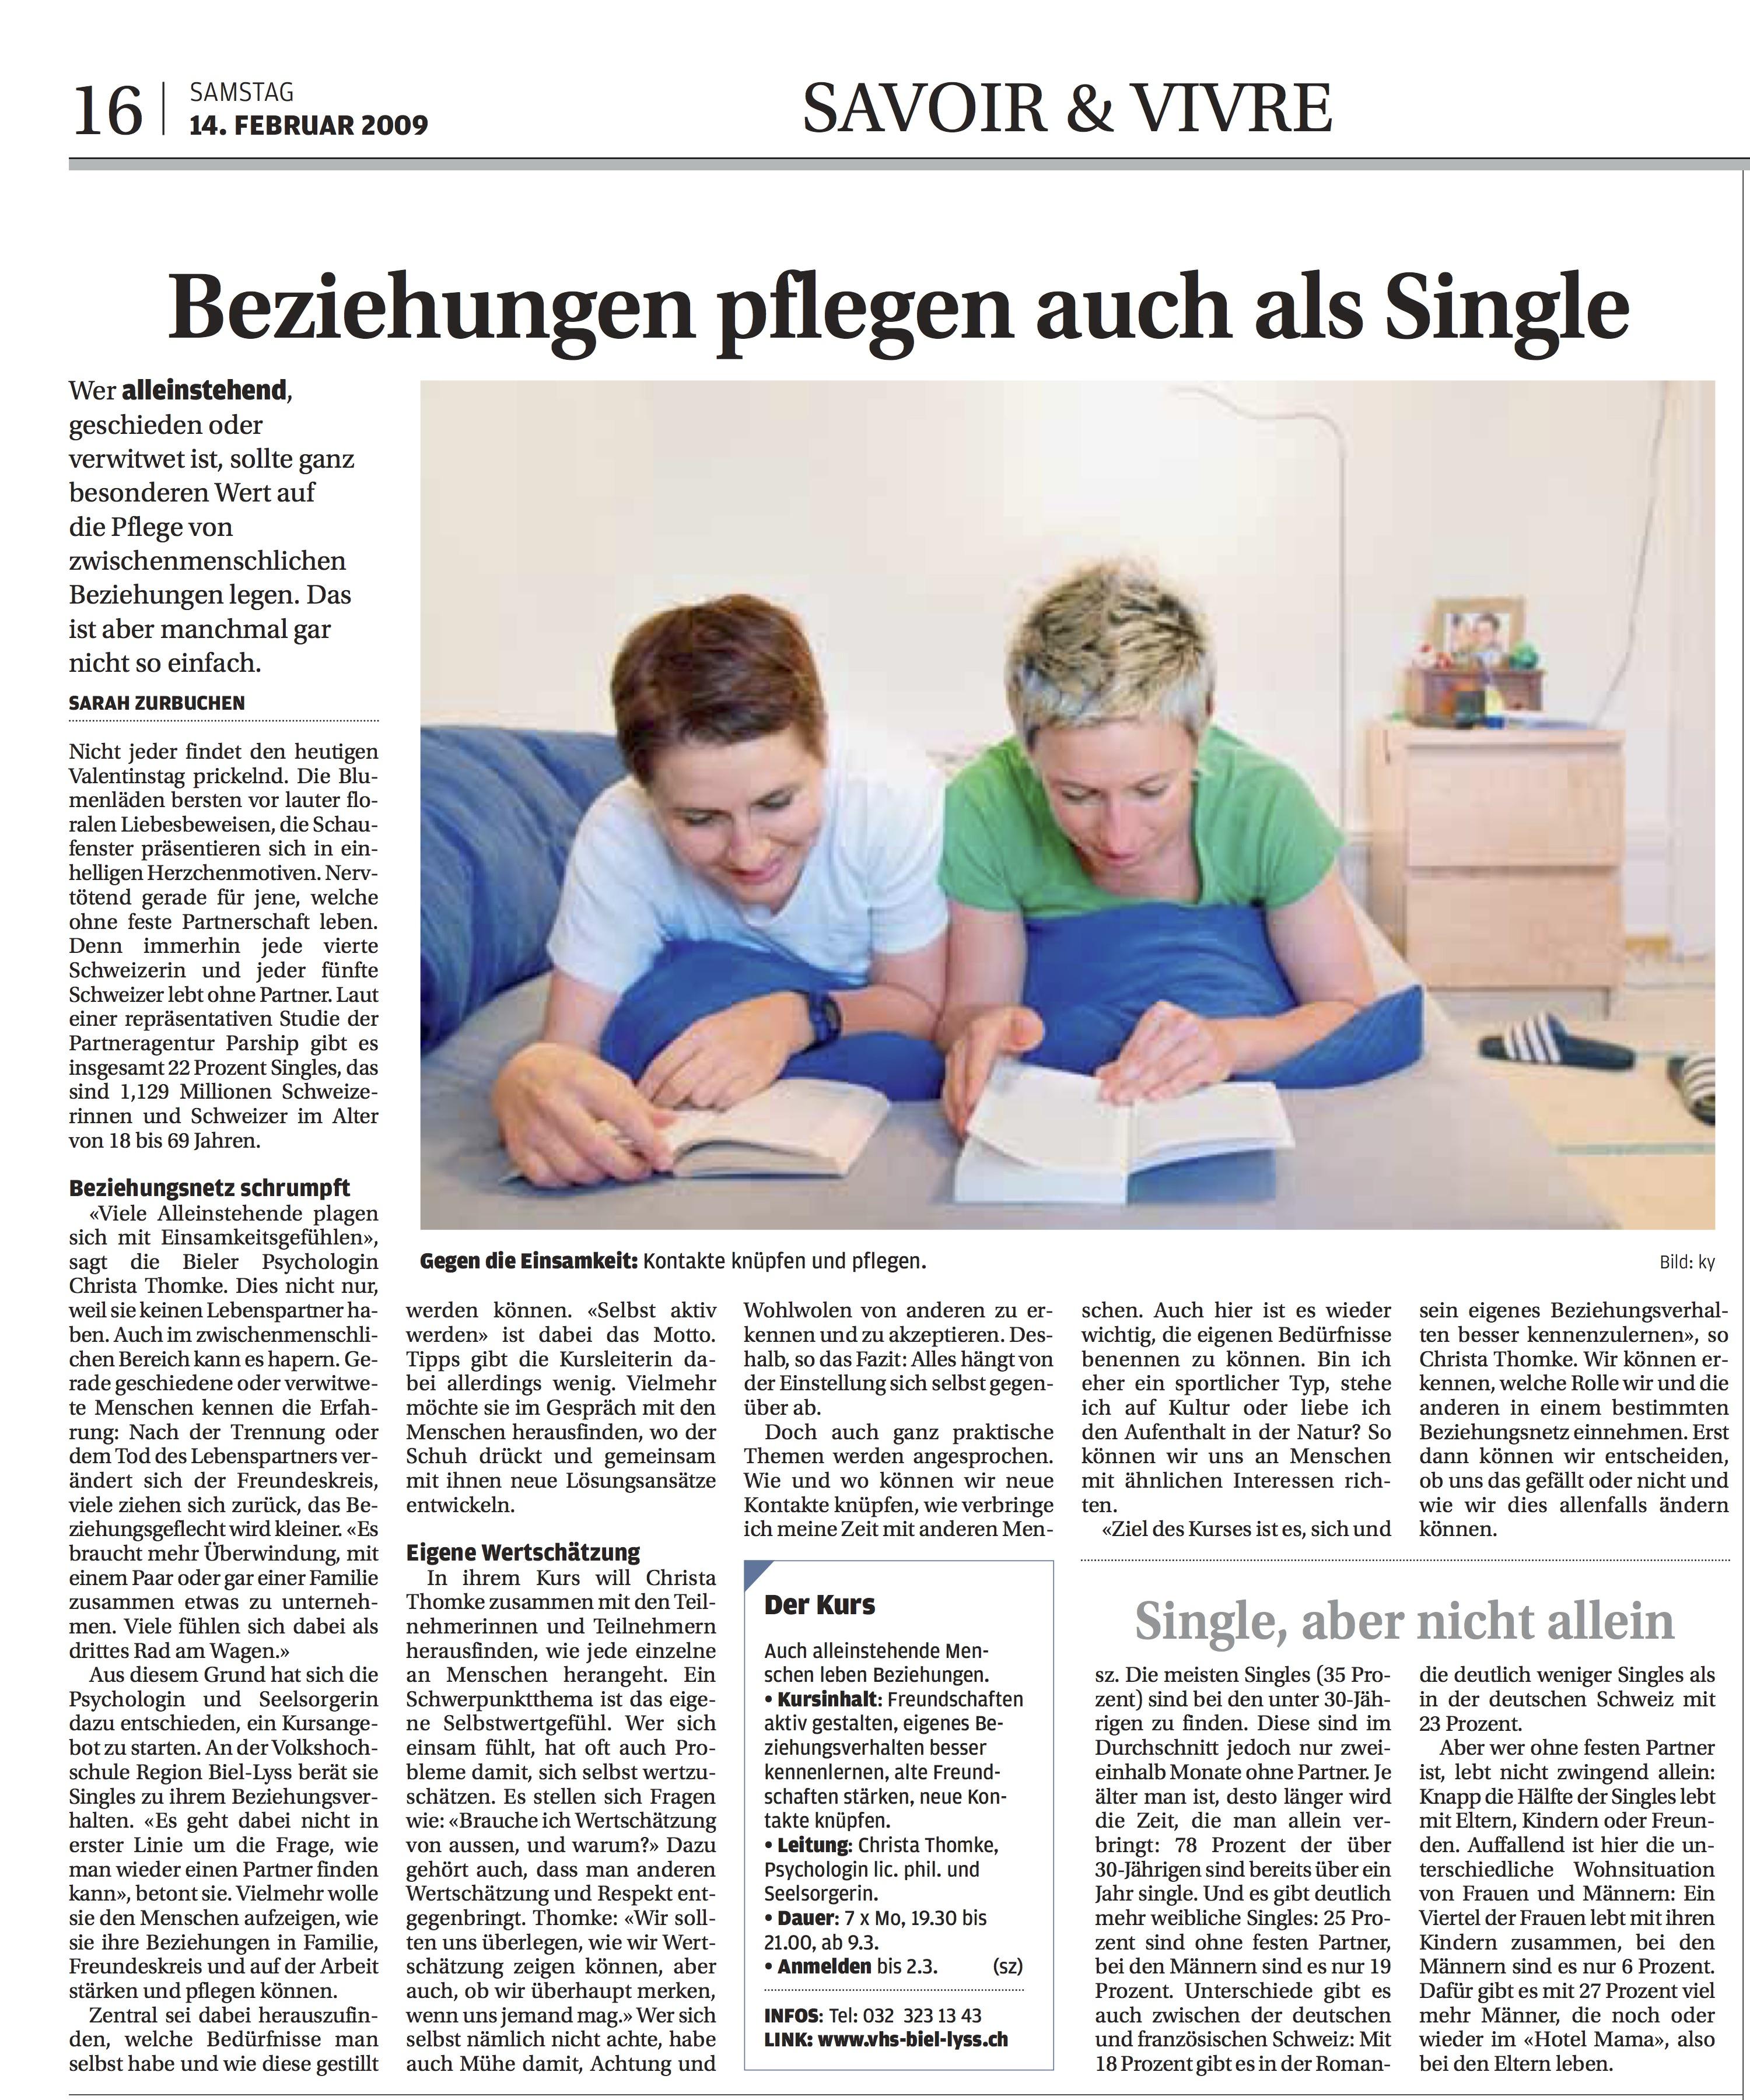 © Bieler Tagblatt, 14. Februar 2009, S. 16